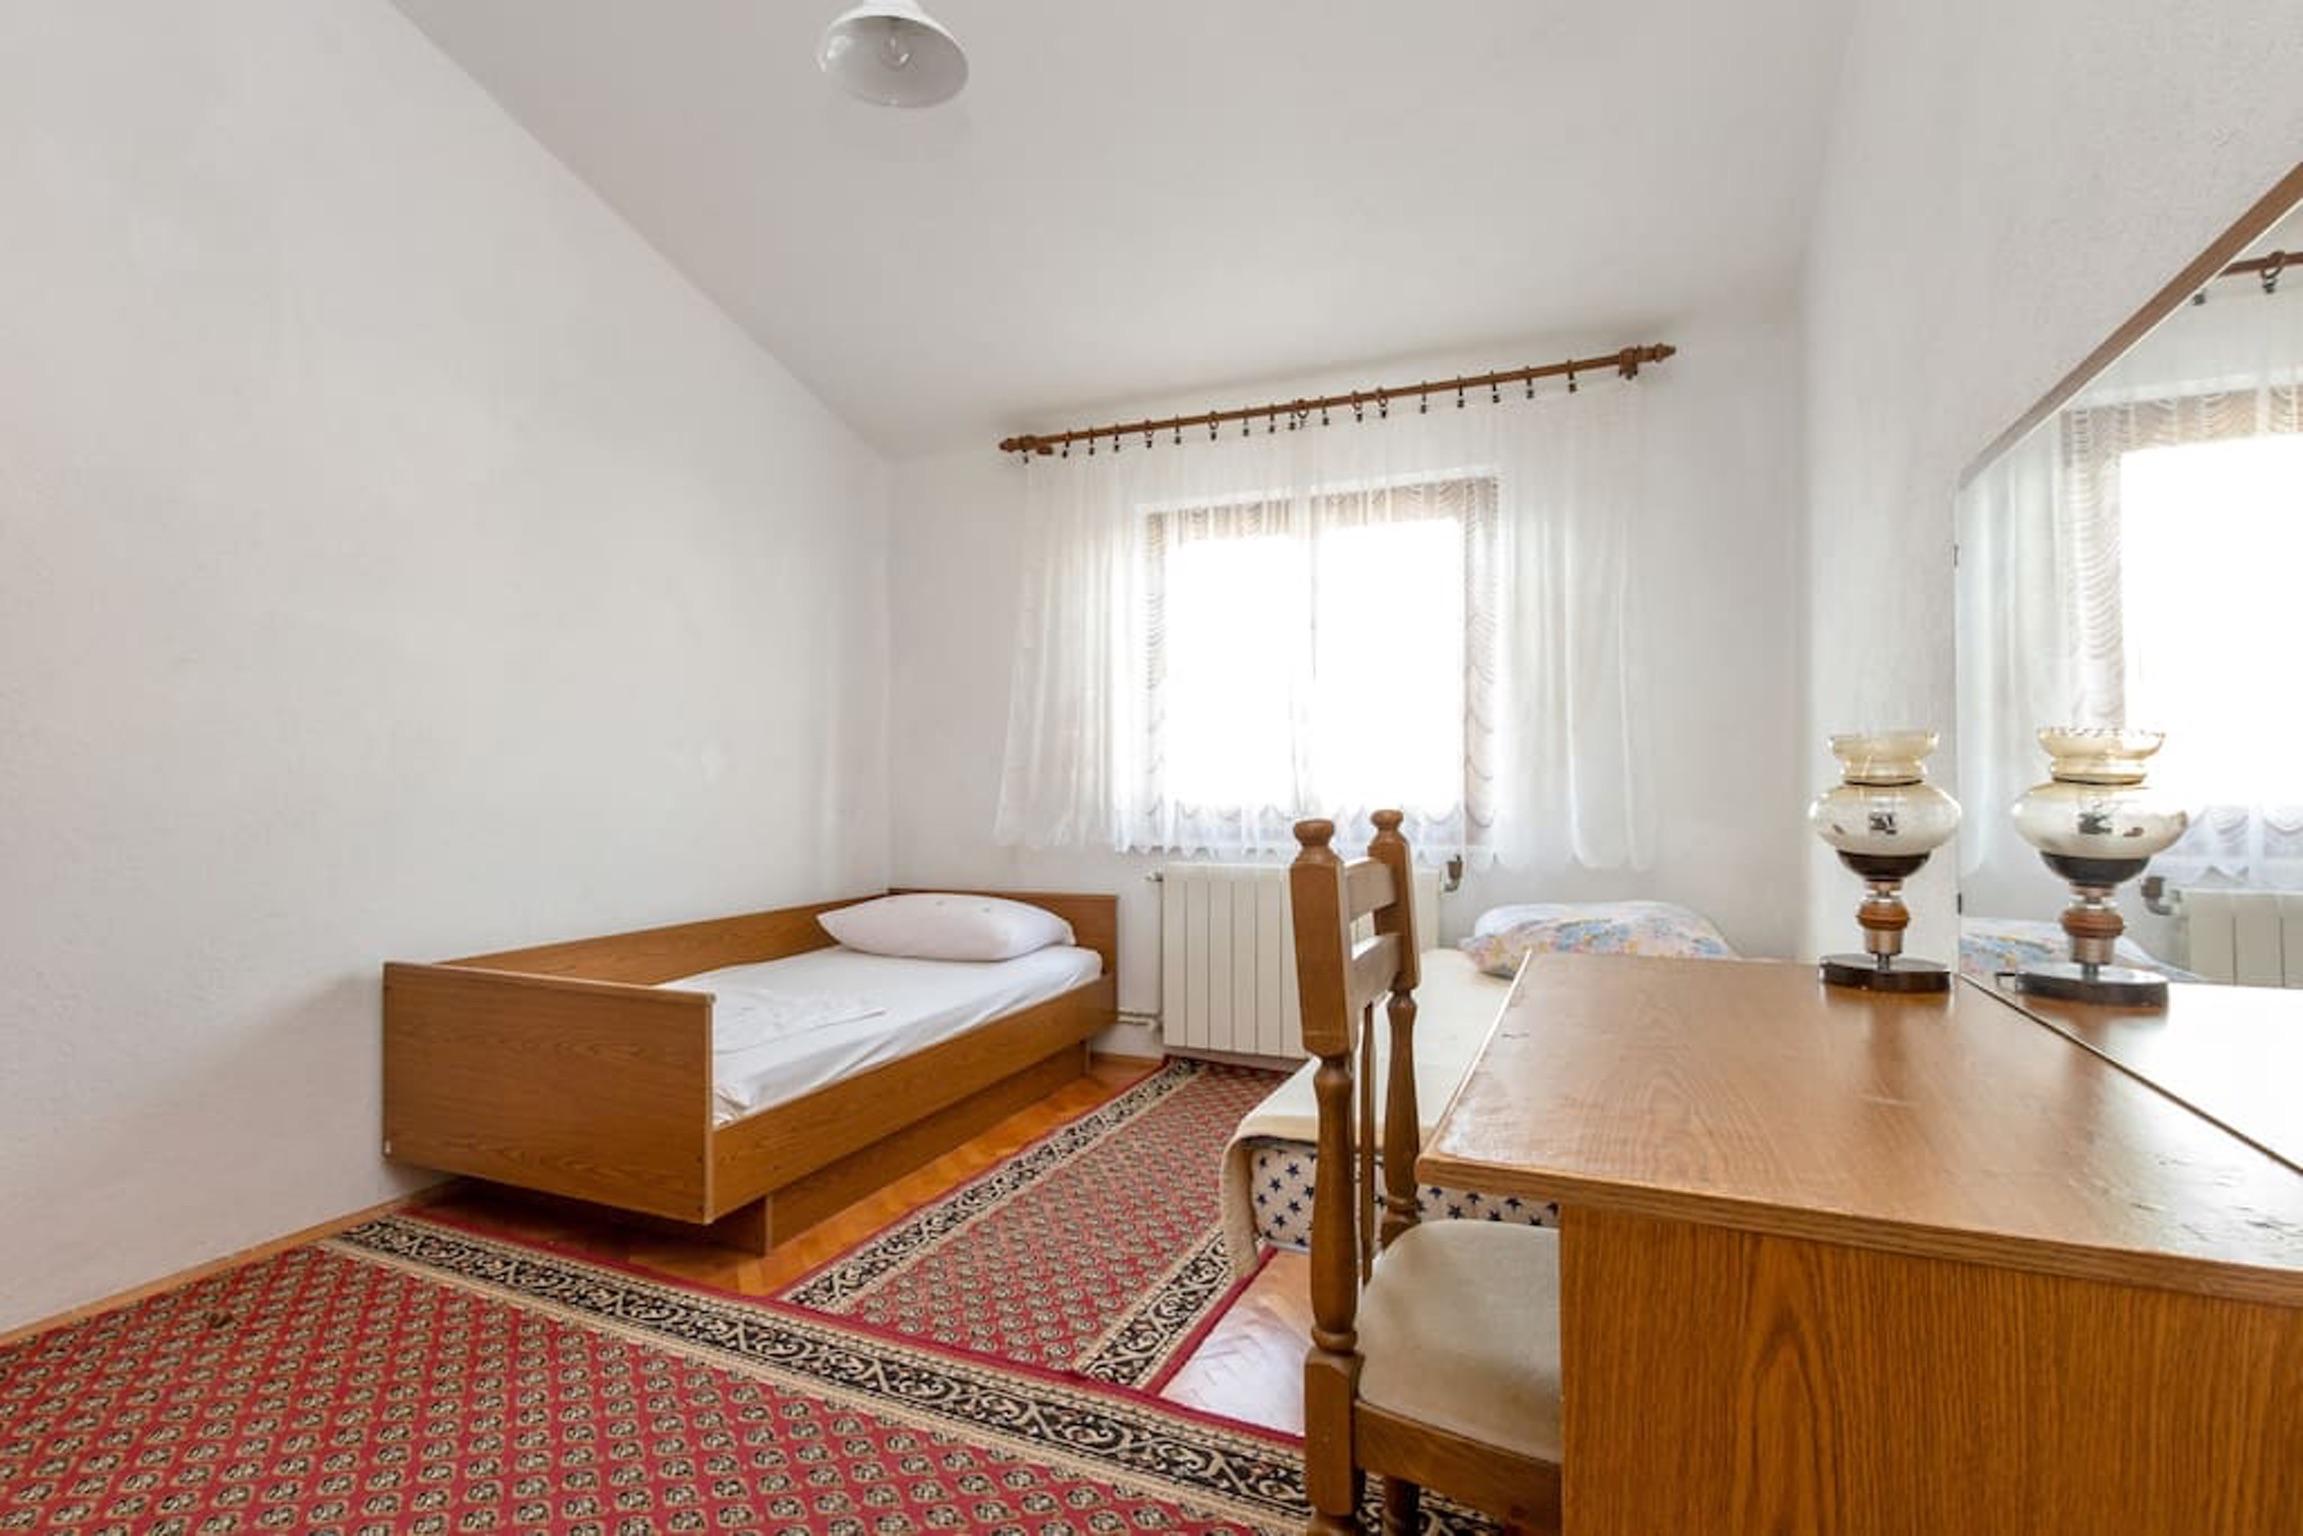 Ferienwohnung Wohnung mit 3 Zimmern in Seget Vranjica mit herrlichem Meerblick und eingezäuntem Garten - (2339638), Seget Donji, , Dalmatien, Kroatien, Bild 4